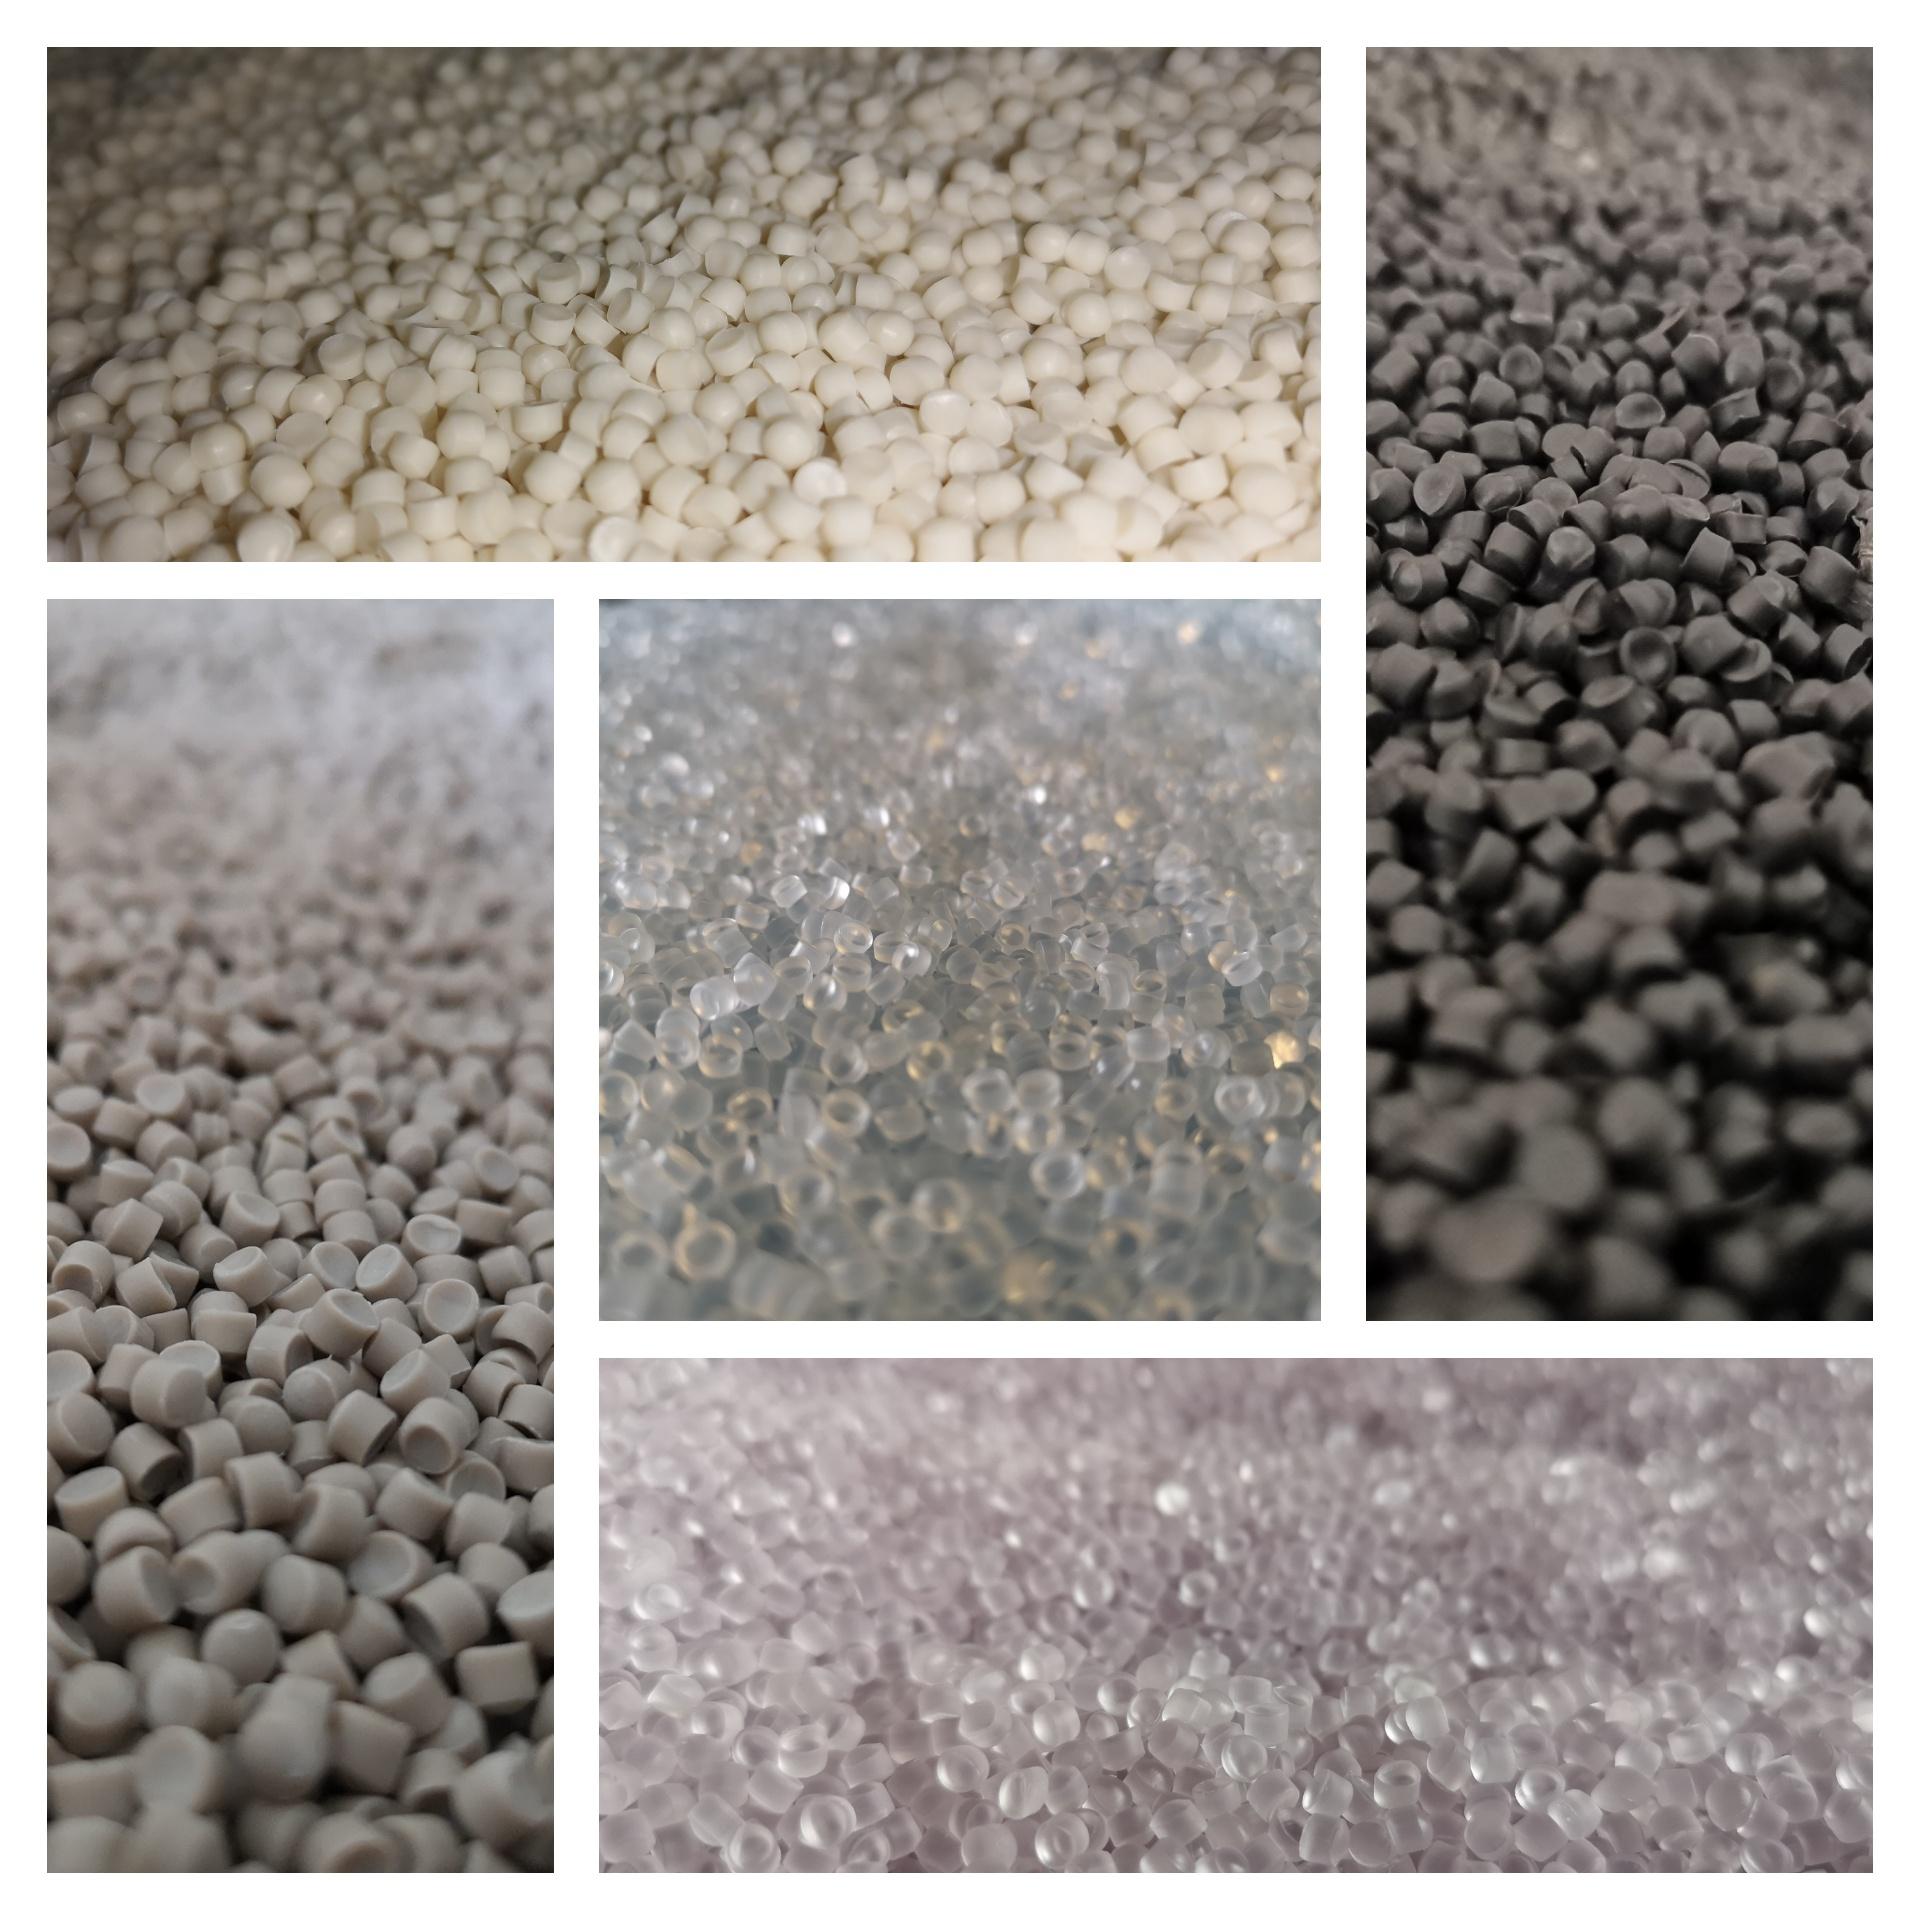 verschiedene Abbildungen von PVC Granulat in unterschiedlichen Farben und Größen